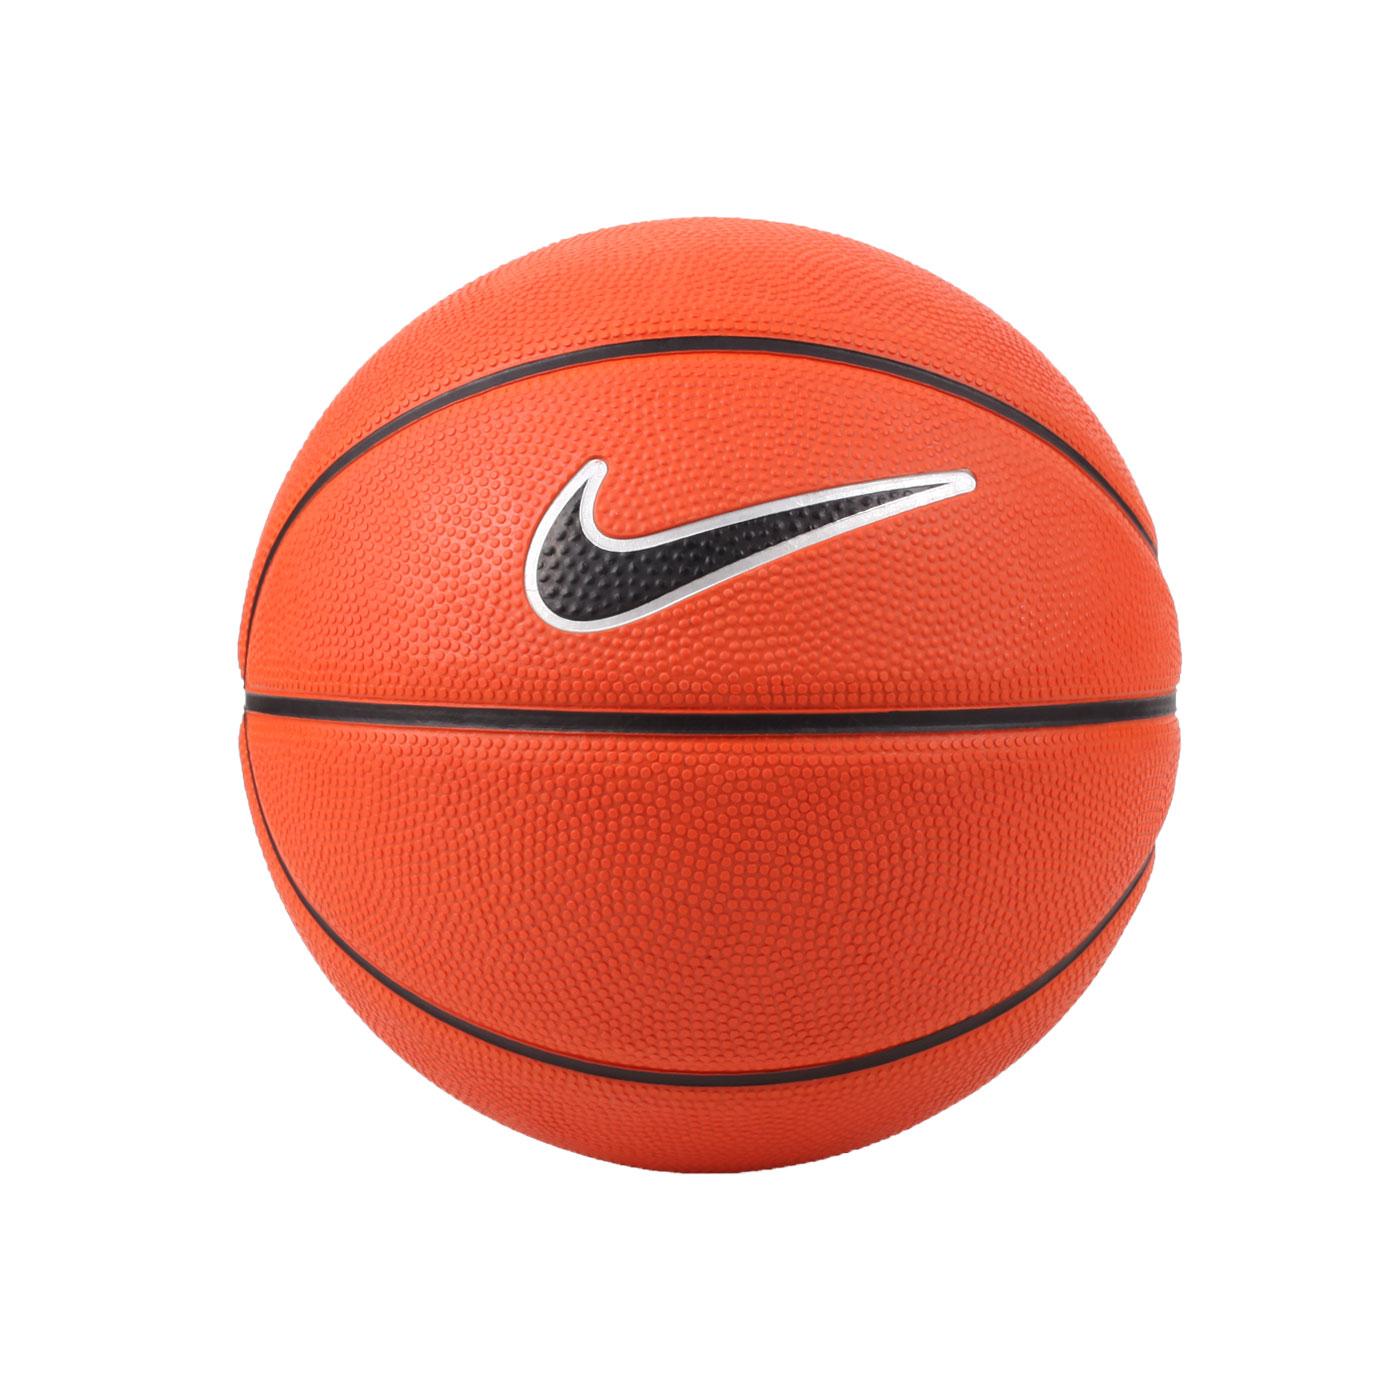 NIKE SWOOSH MINI 3號籃球 NKI0887903 - 橘黑